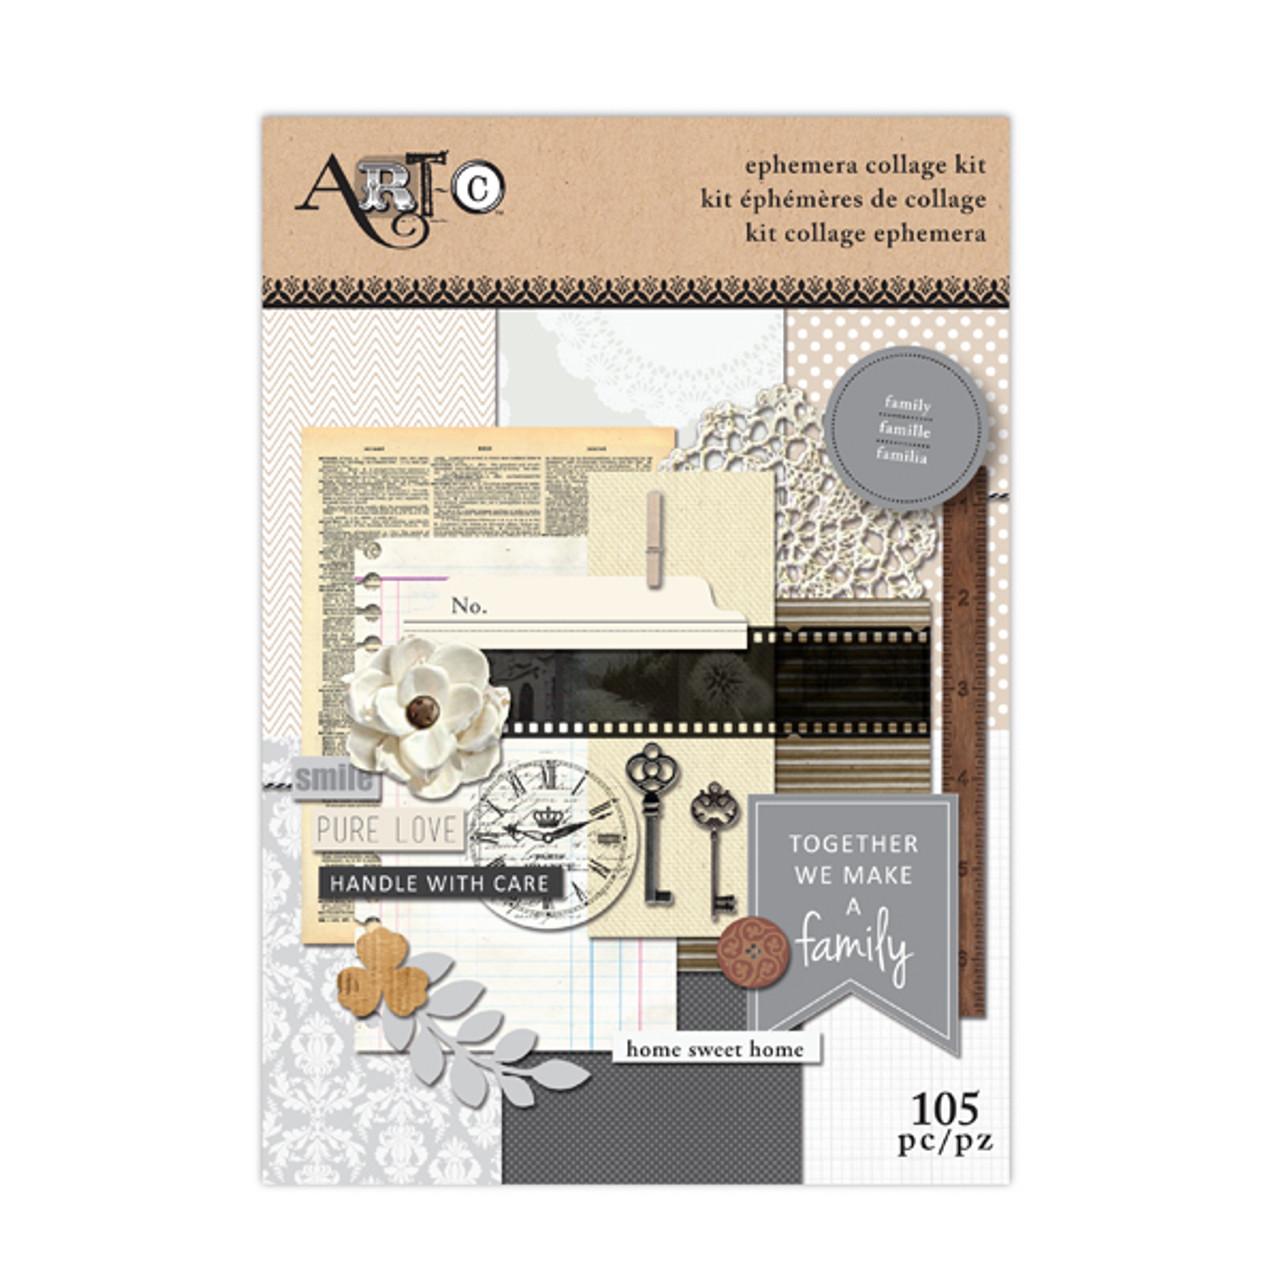 ArtC Ephemera Collage Kit - Family 105 pc